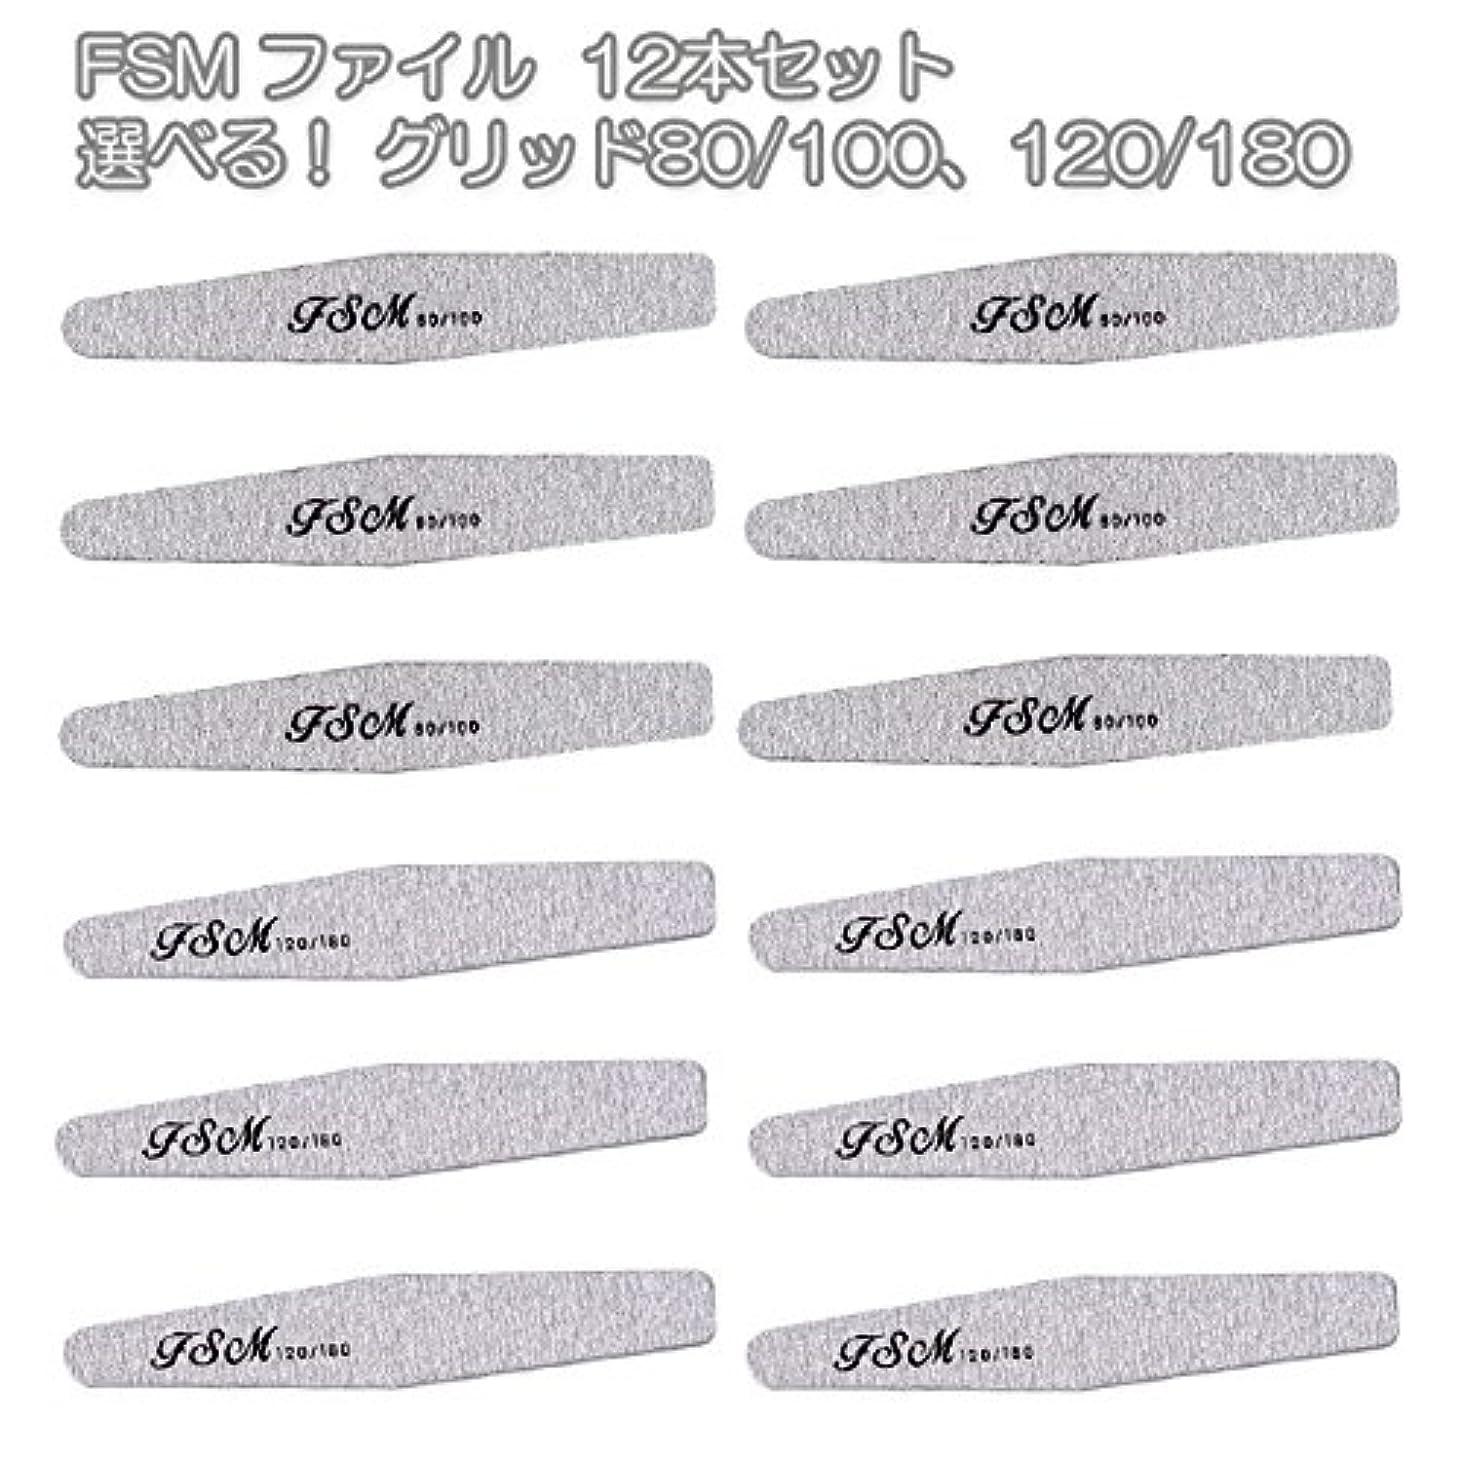 黒板音声学人生を作るFSM ネイルファイル/バッファー12本セット(選べる!グリッド80/100、120/180) (G80/100の12本)